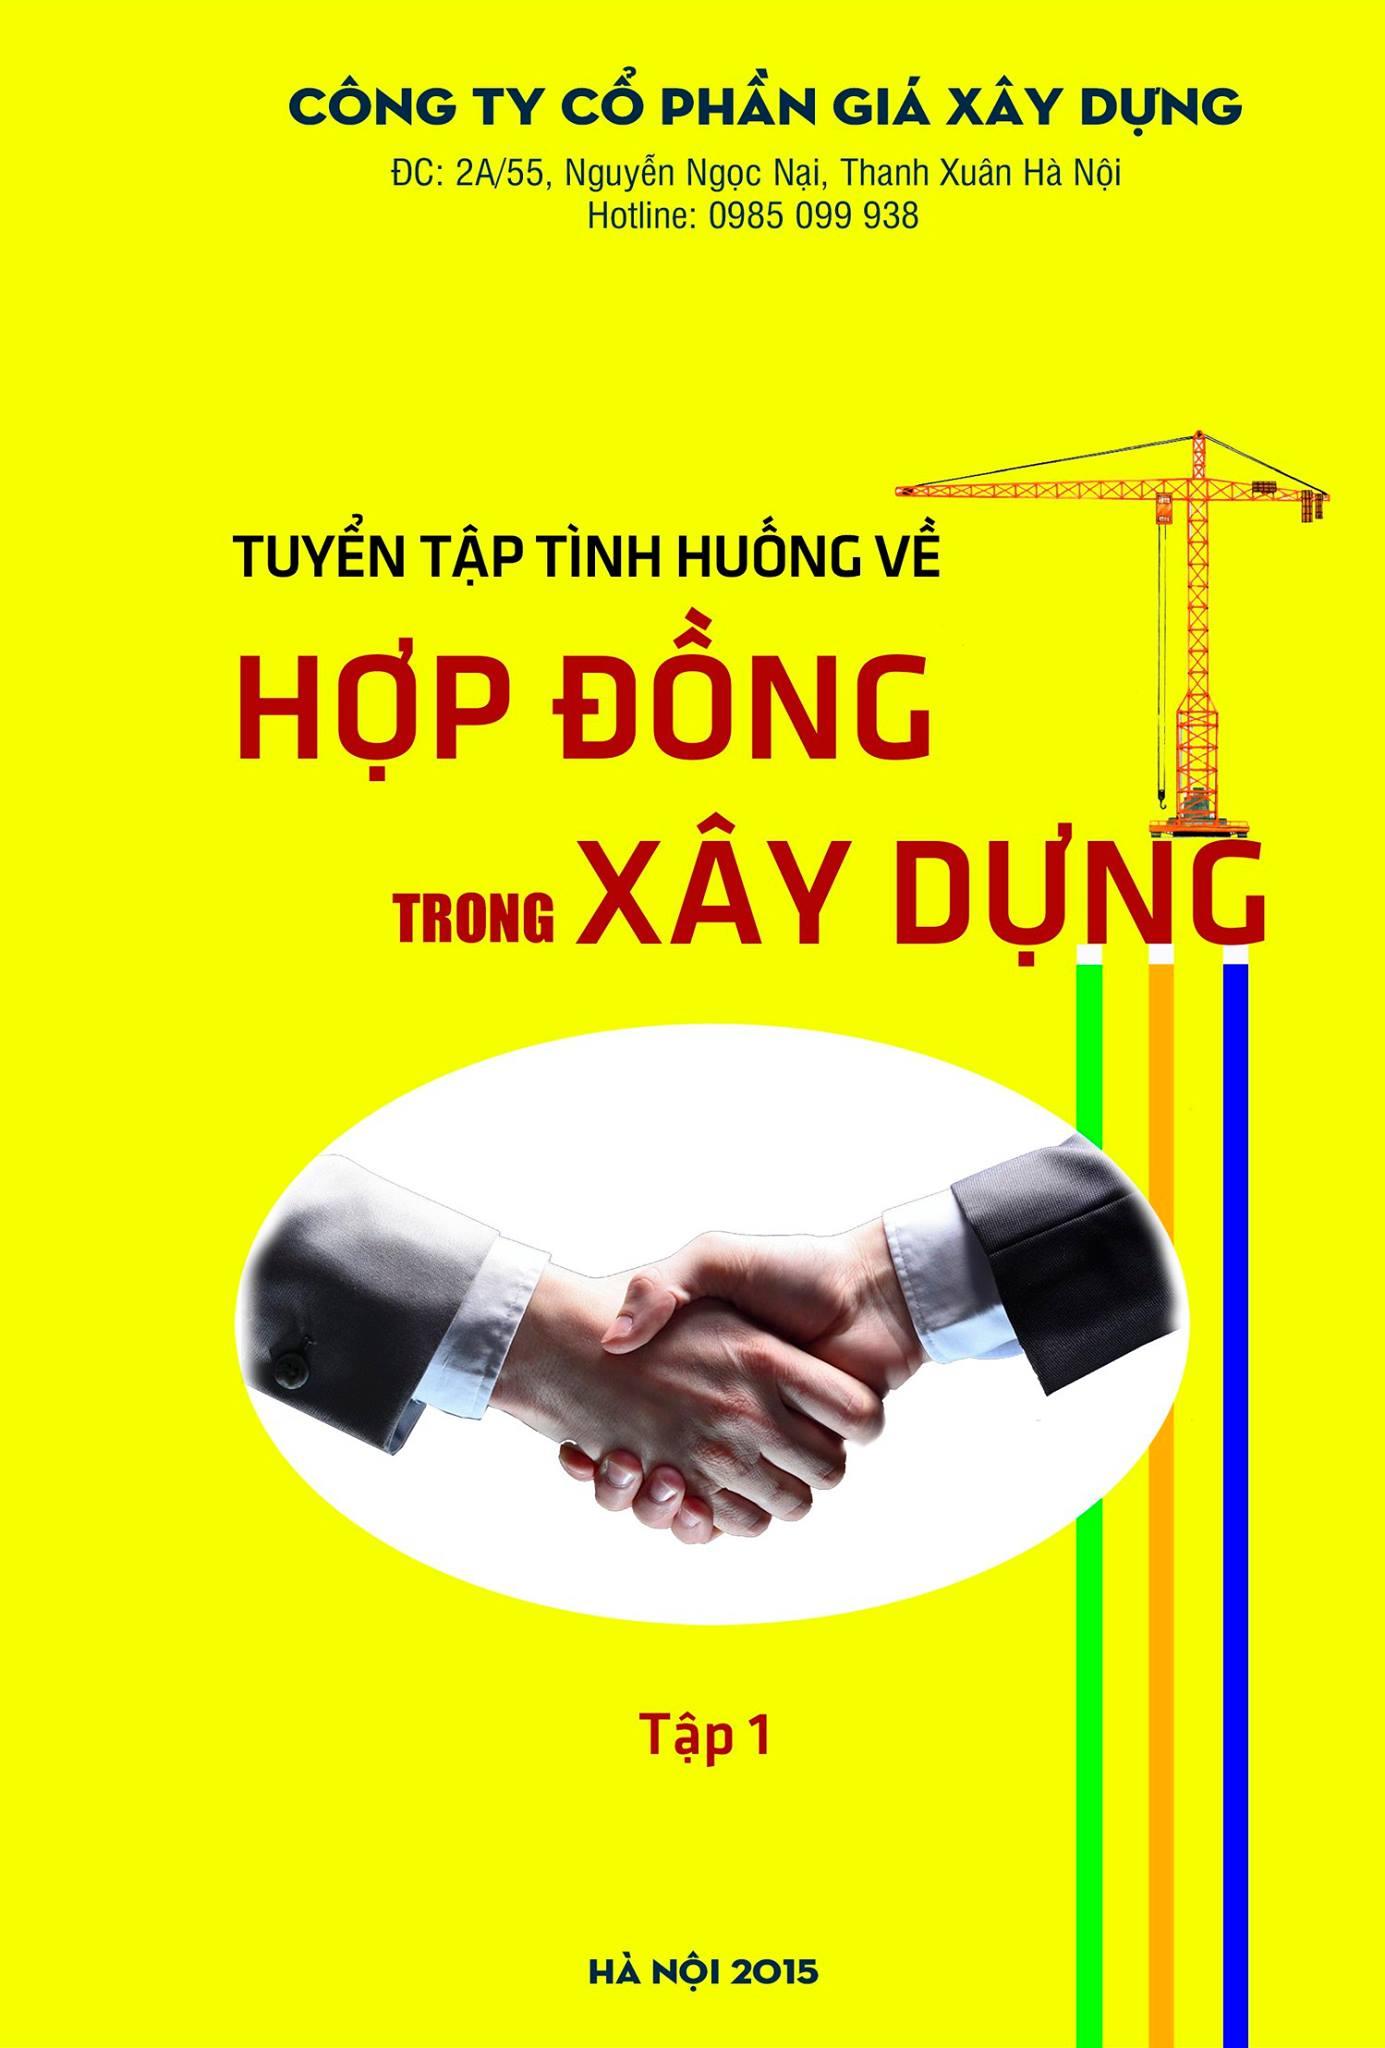 Thông tư 11/2015/TT-BKHĐT quy định chi tiết về mẫu HSYC đối với chỉ định thầu, chào hàng cạnh tranh